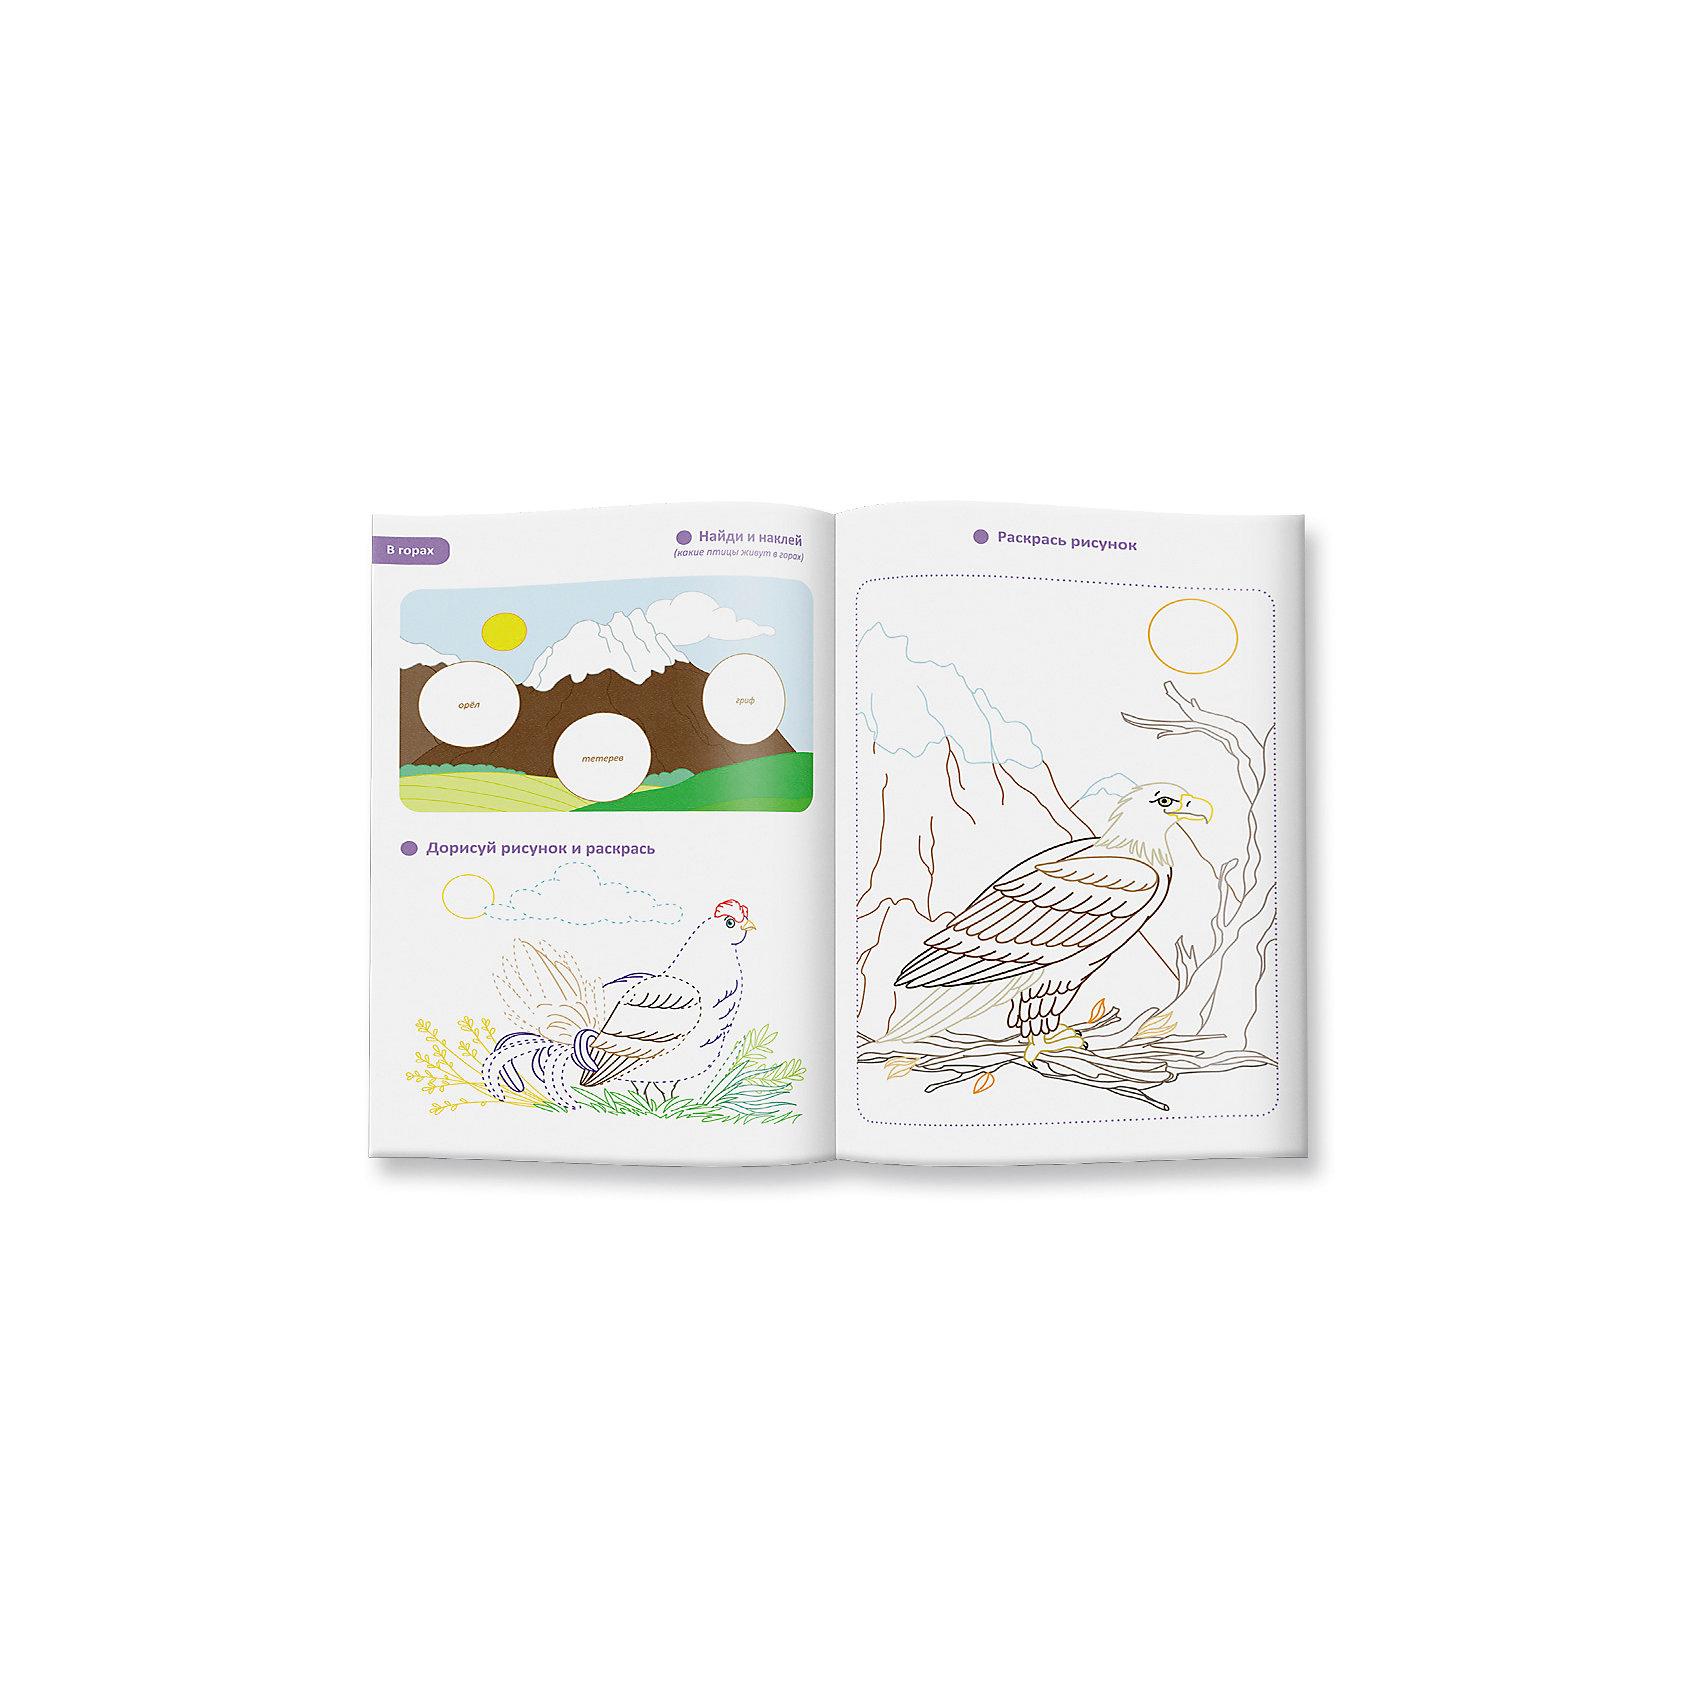 Обучающая раскраска с наклейками ПтицыБлагодаря раскраске с наклейками «Птицы. Кто где обитает» Ваш ребёнок узнает, какие птицы обитают в Африке, в Антарктиде и на других континентах. Ваш малыш будет с любопытством клеить, дорисовывать и раскрашивать пингвина, орла, курочку и других пернатых.<br><br>Ширина мм: 295<br>Глубина мм: 210<br>Высота мм: 3<br>Вес г: 110<br>Возраст от месяцев: 36<br>Возраст до месяцев: 84<br>Пол: Унисекс<br>Возраст: Детский<br>SKU: 5423014